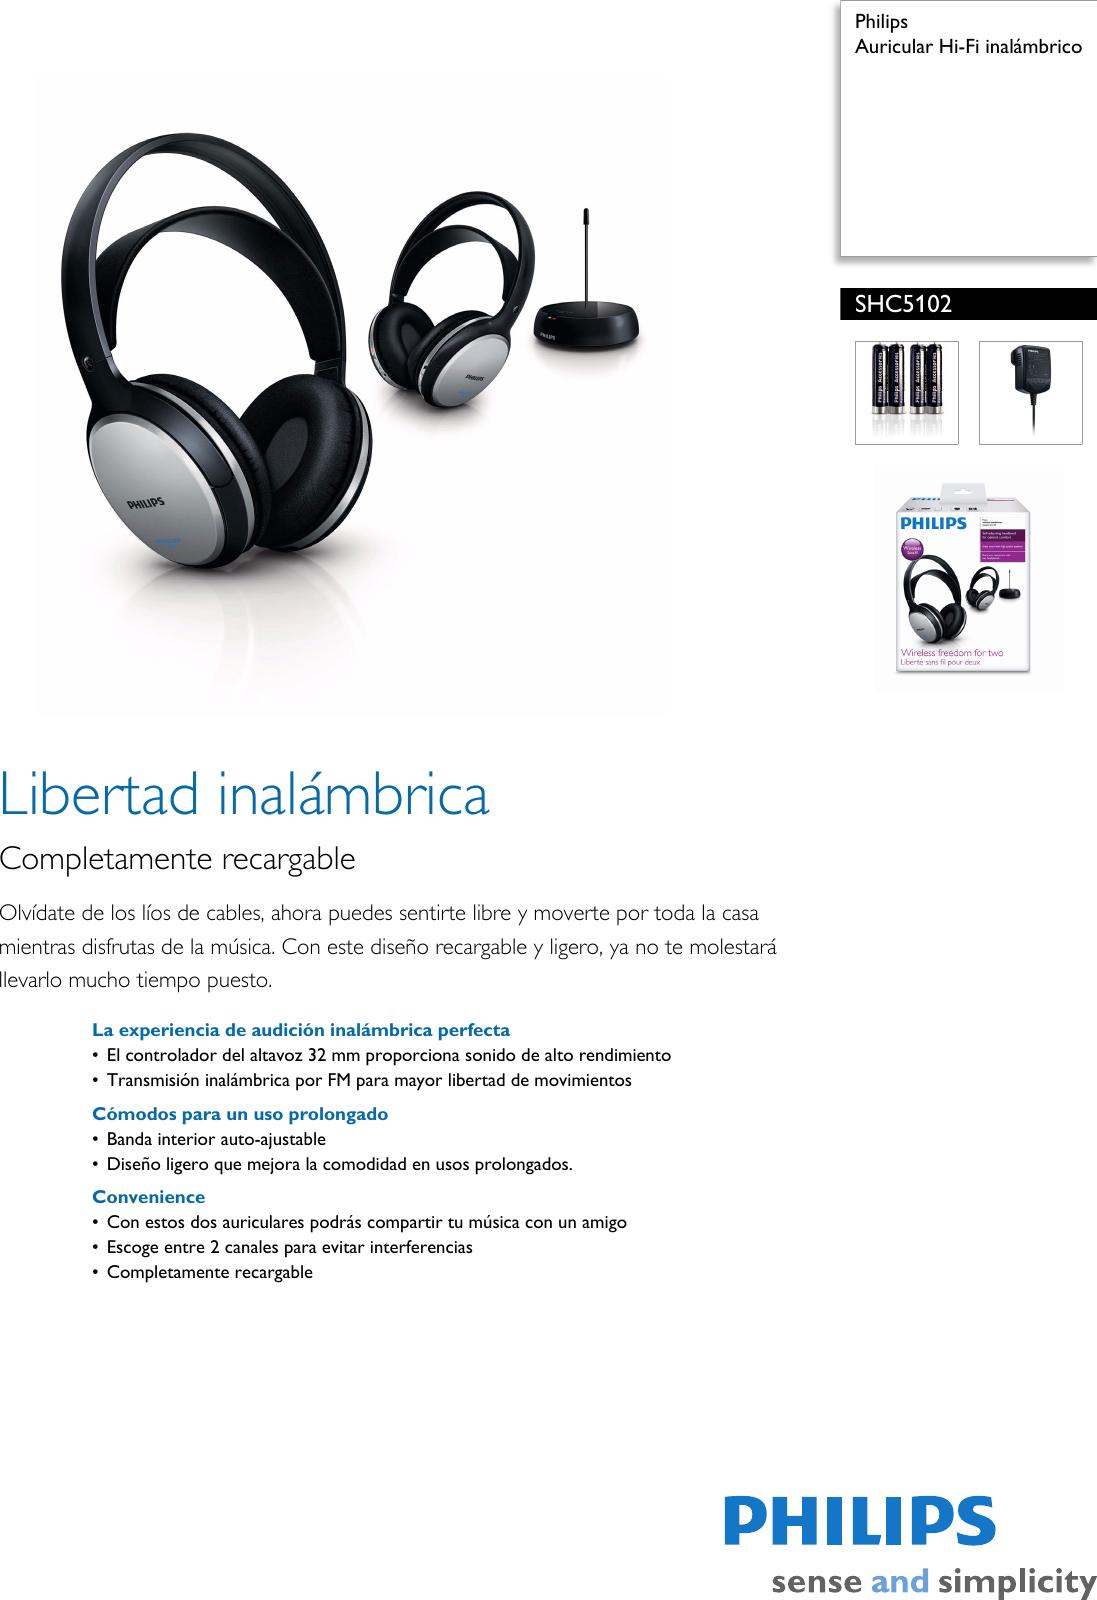 Philips SHC5102 10 Leaflet SHC5102 10 Released Spain (Spanish) User Manual  Folleto Shc5102 10 Pss Espes 8b64702089f2